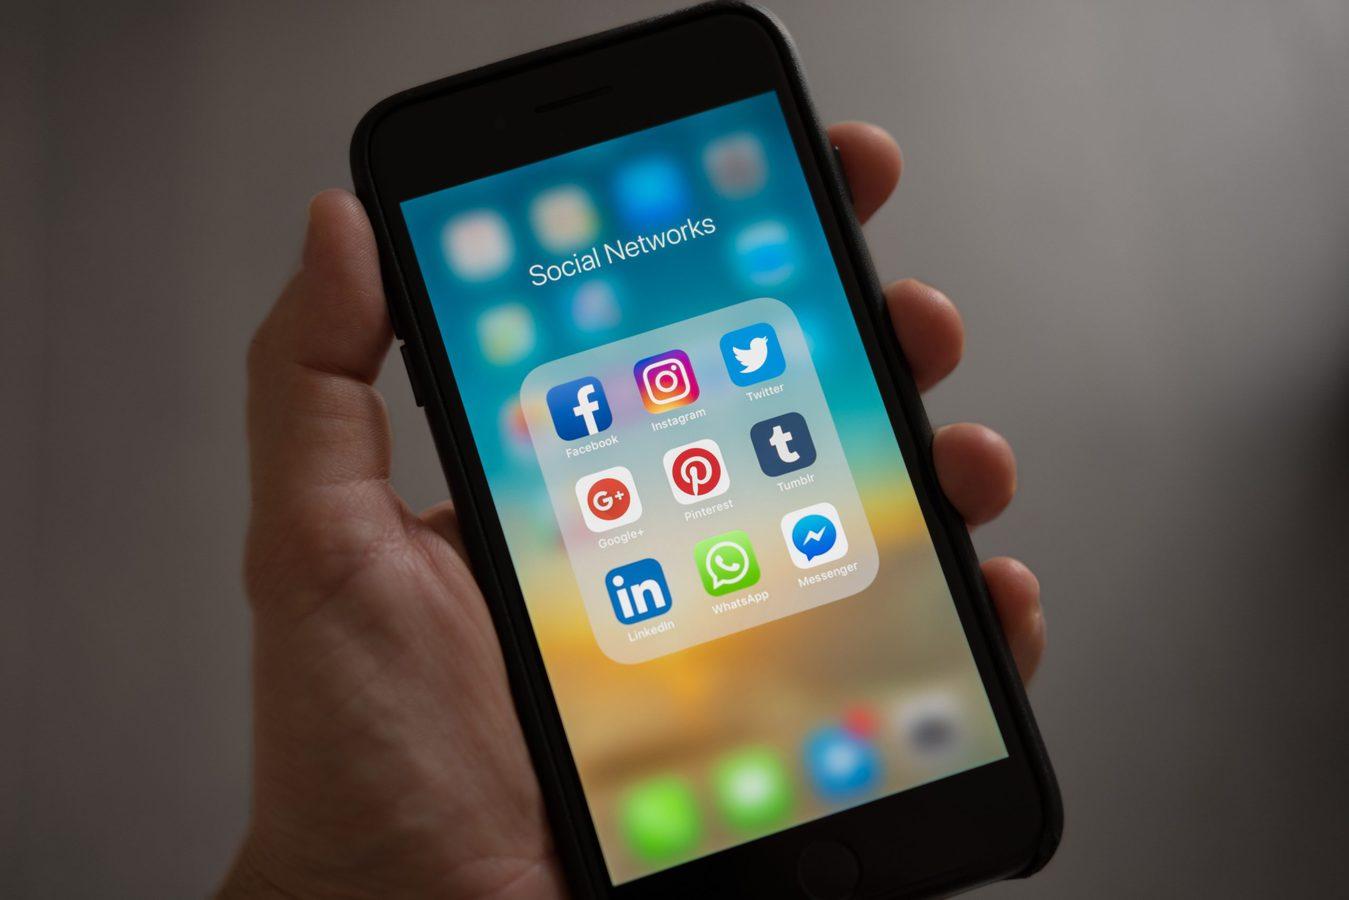 Tela de celular mostrando apps de rede social